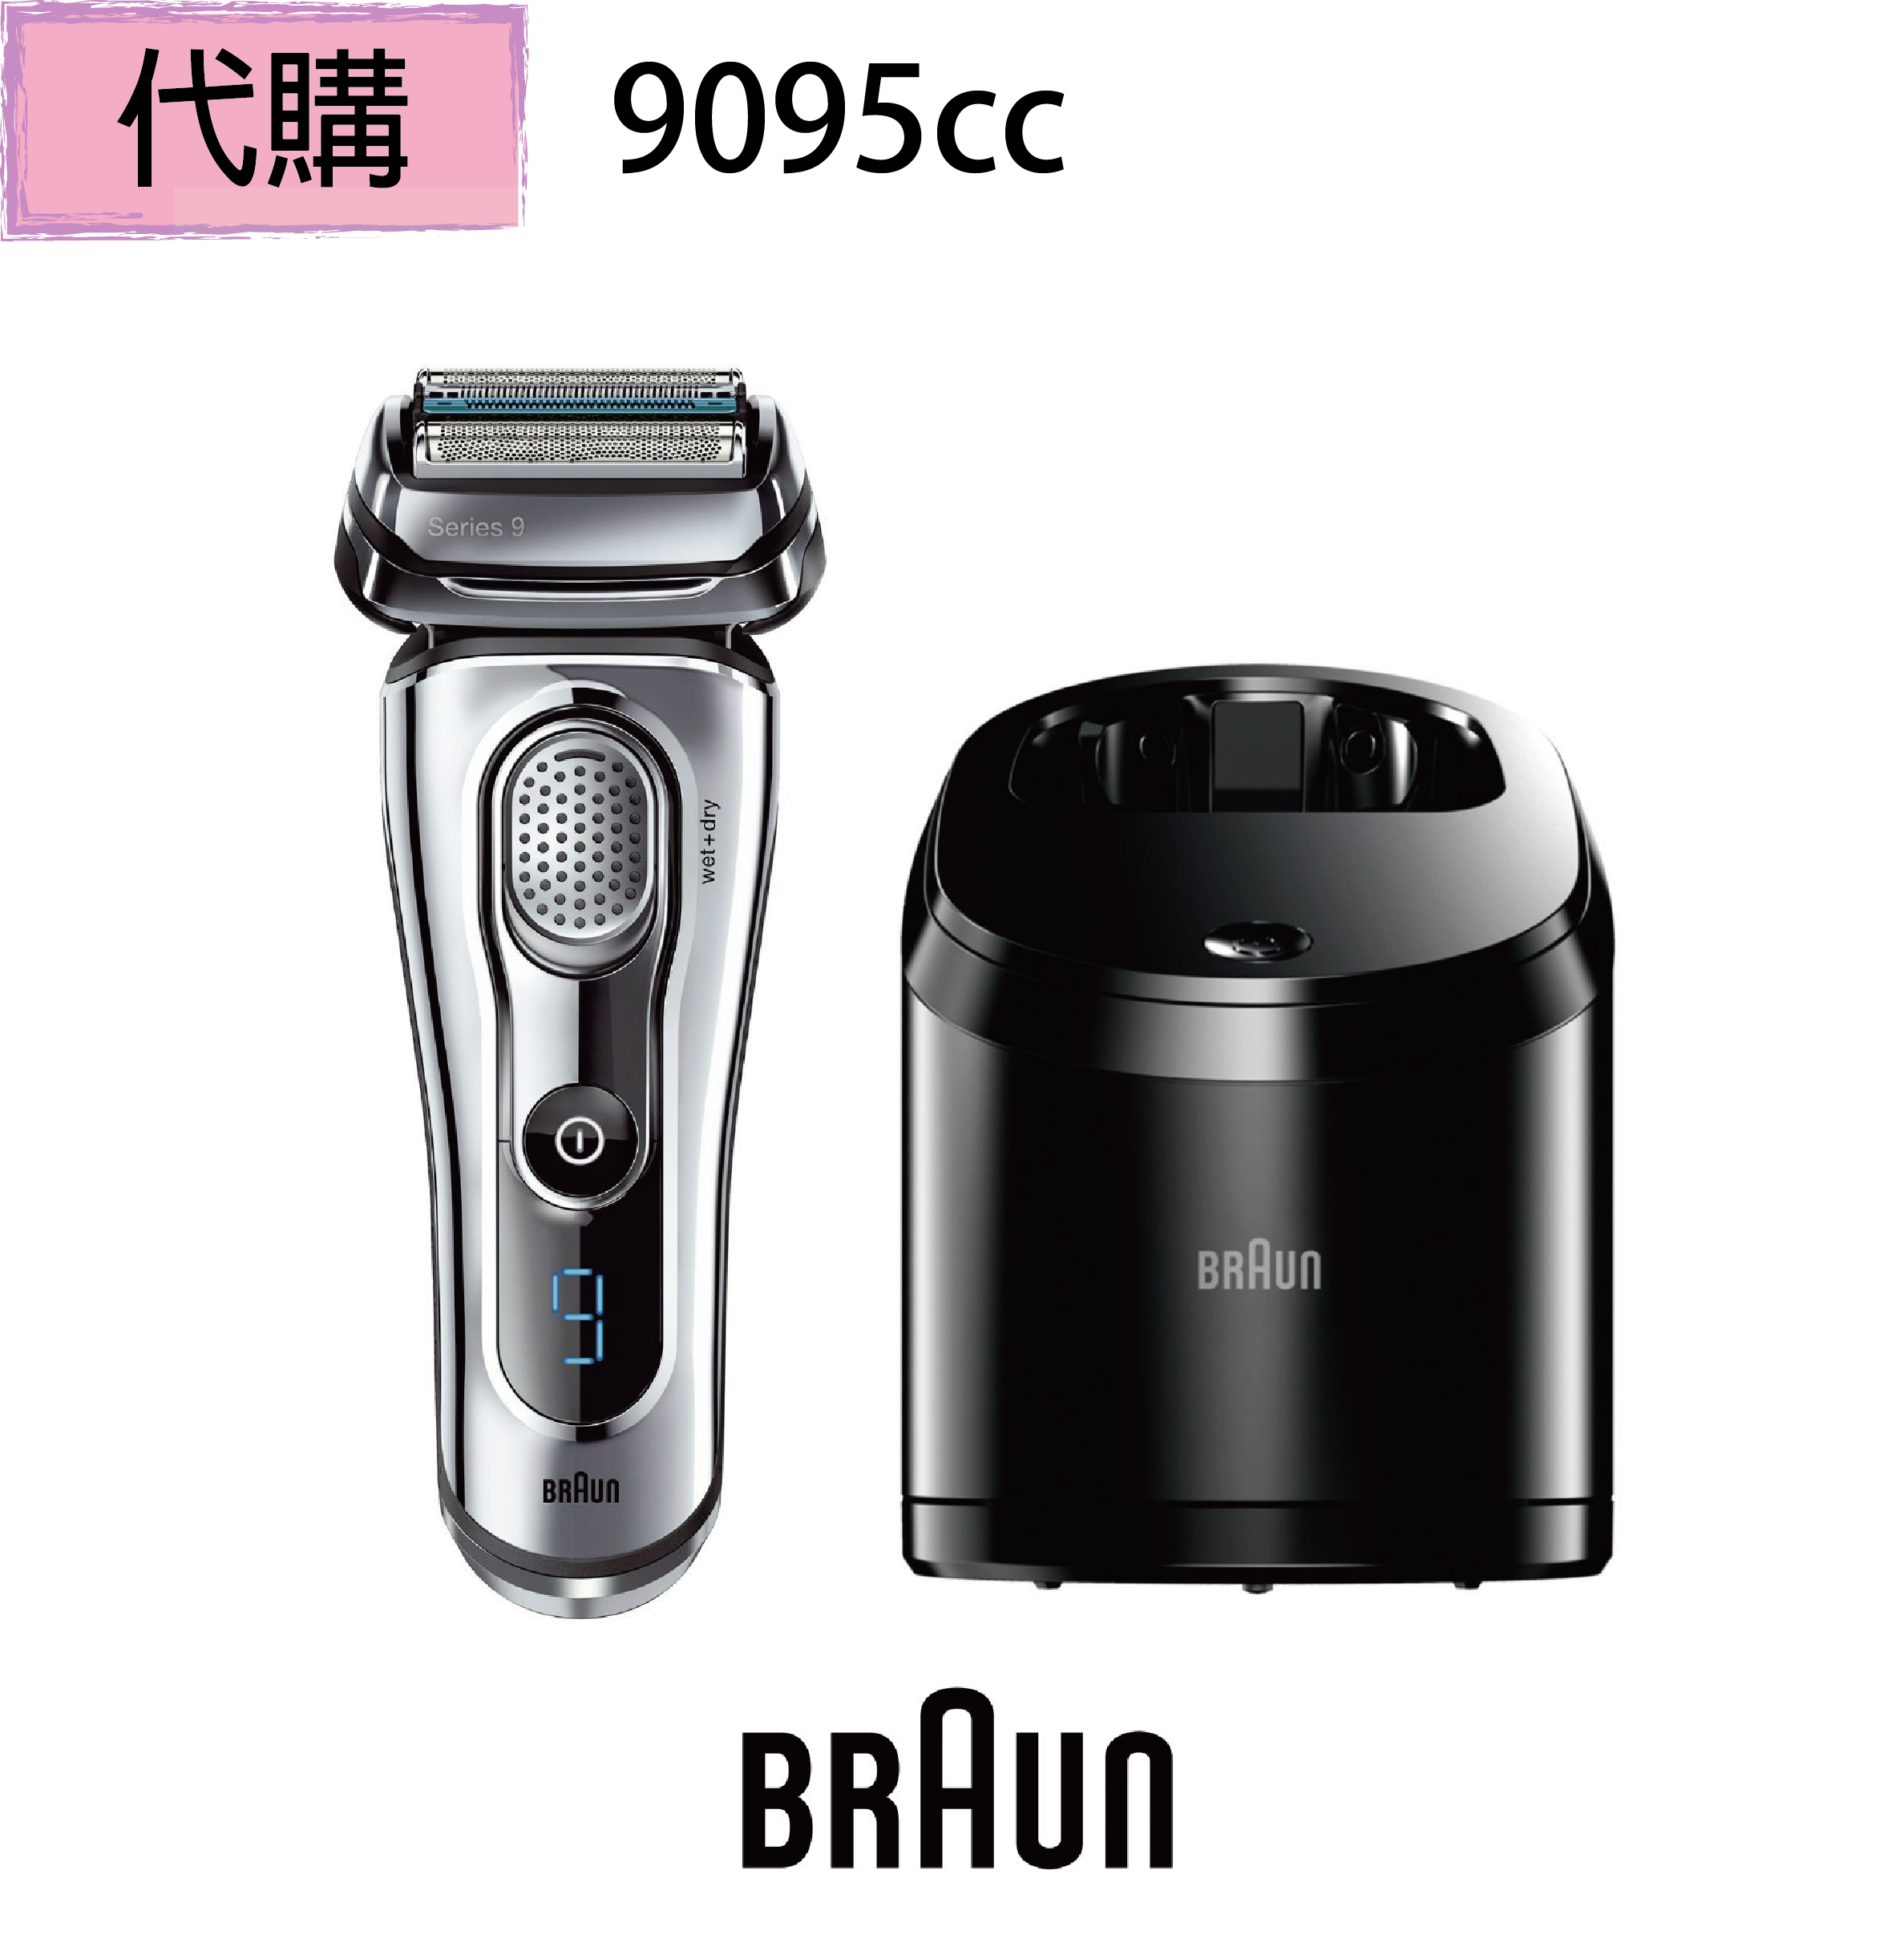 【現貨供應 | 型男必備】【BRAUN】百靈 9系列音波電鬍刀 刮鬍刀 9095cc  (代購)